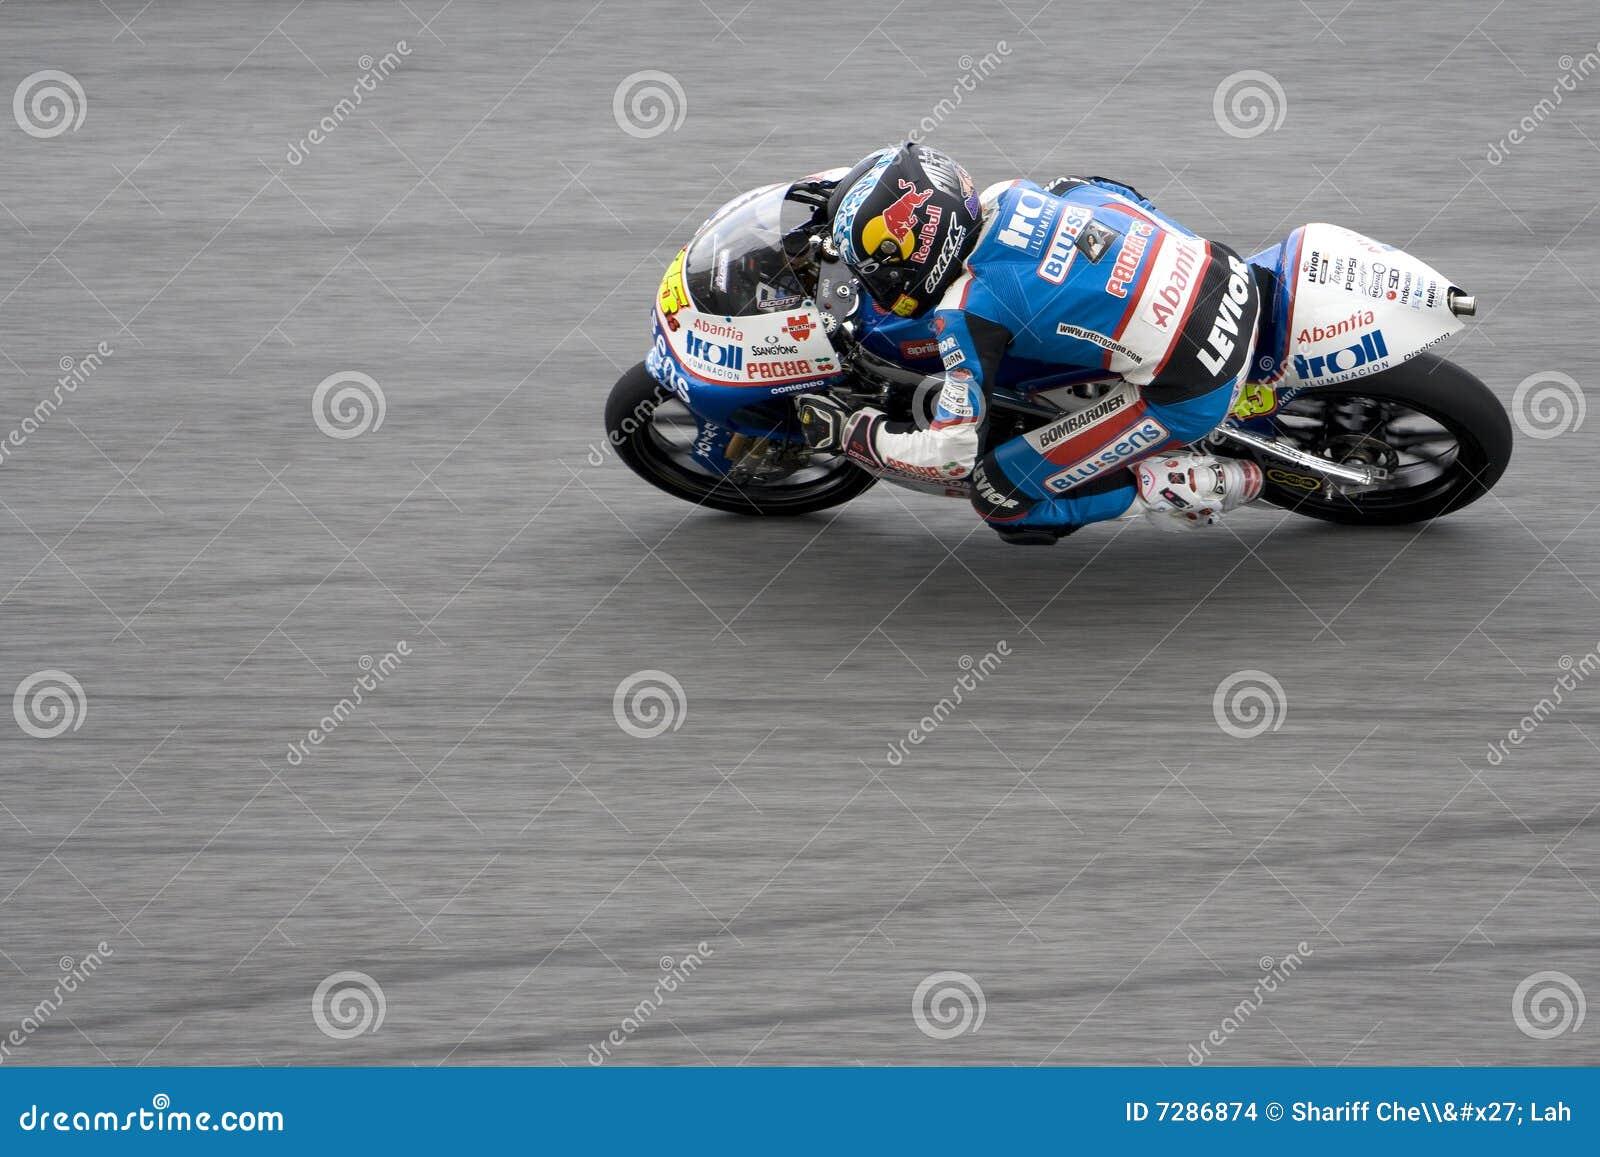 Motogp 125cc - Scott Redding